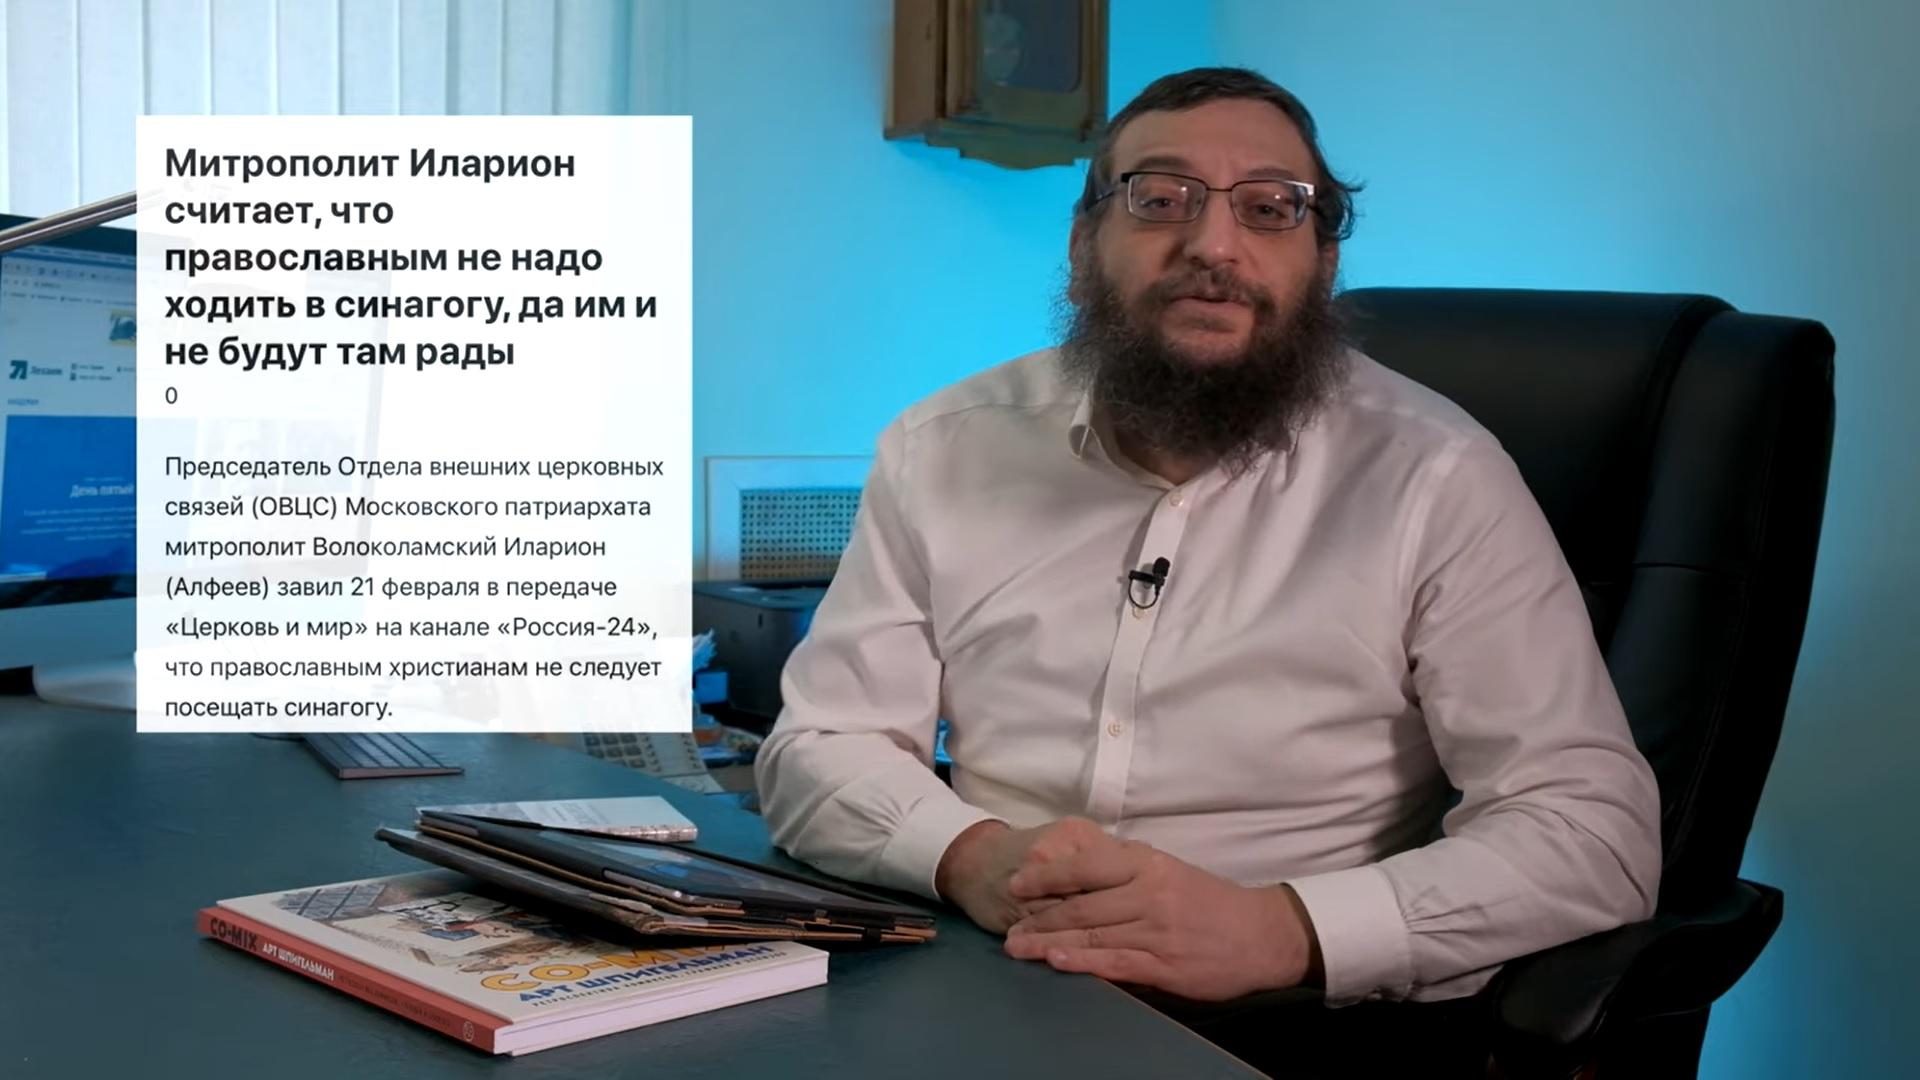 В синагоге рады православным - вопреки митрополиту